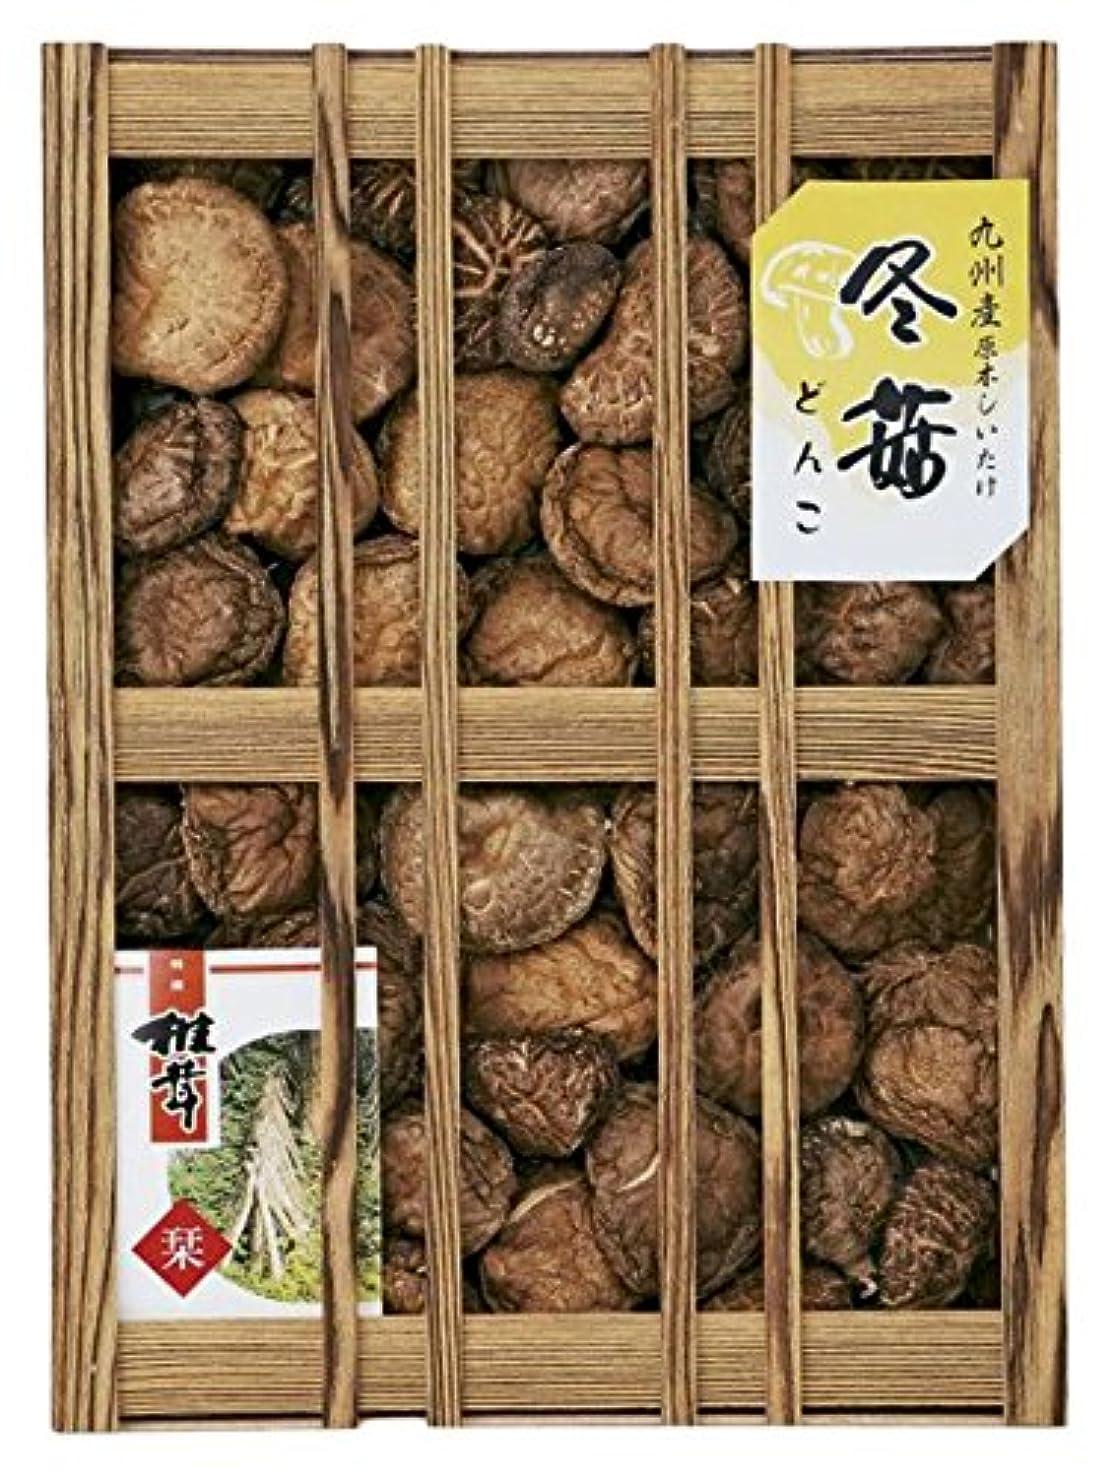 地球月曜日回路九州産原木どんこ椎茸(木箱入) B196-06